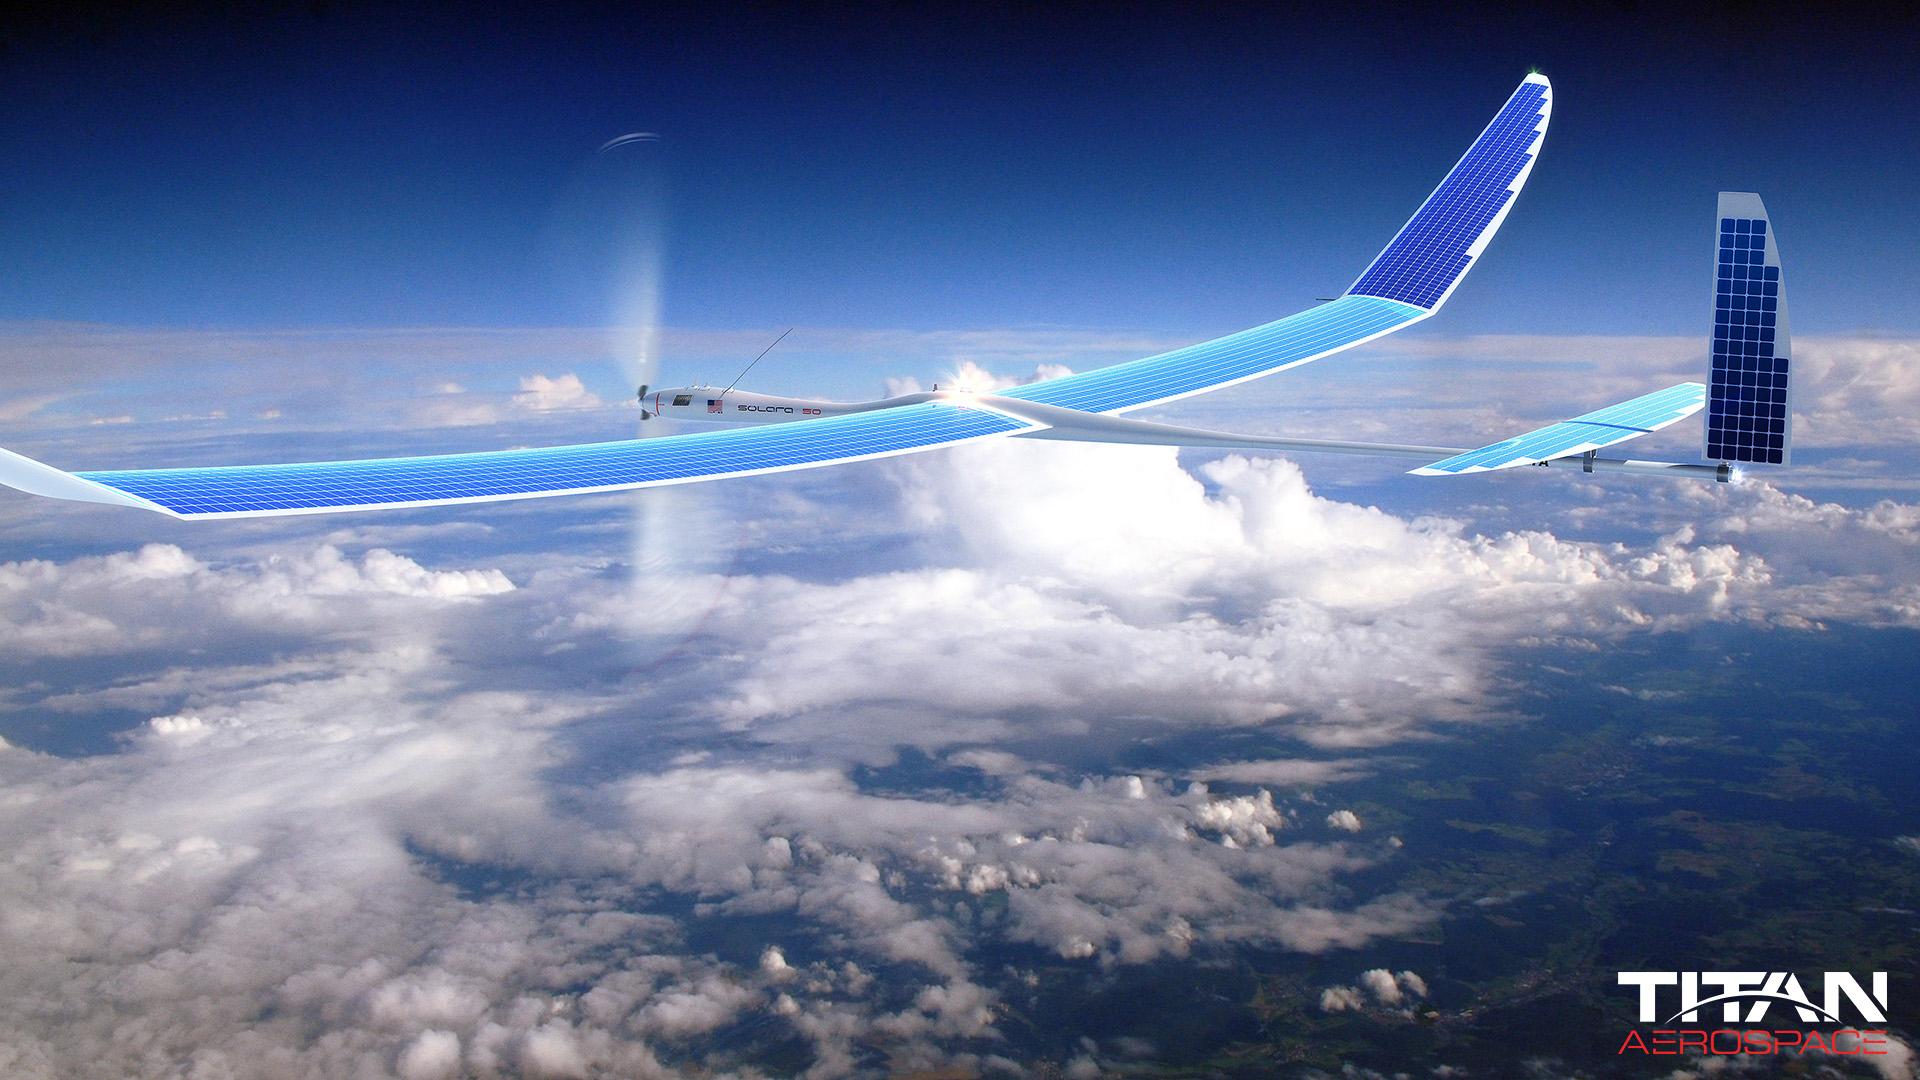 Tutan aerospace